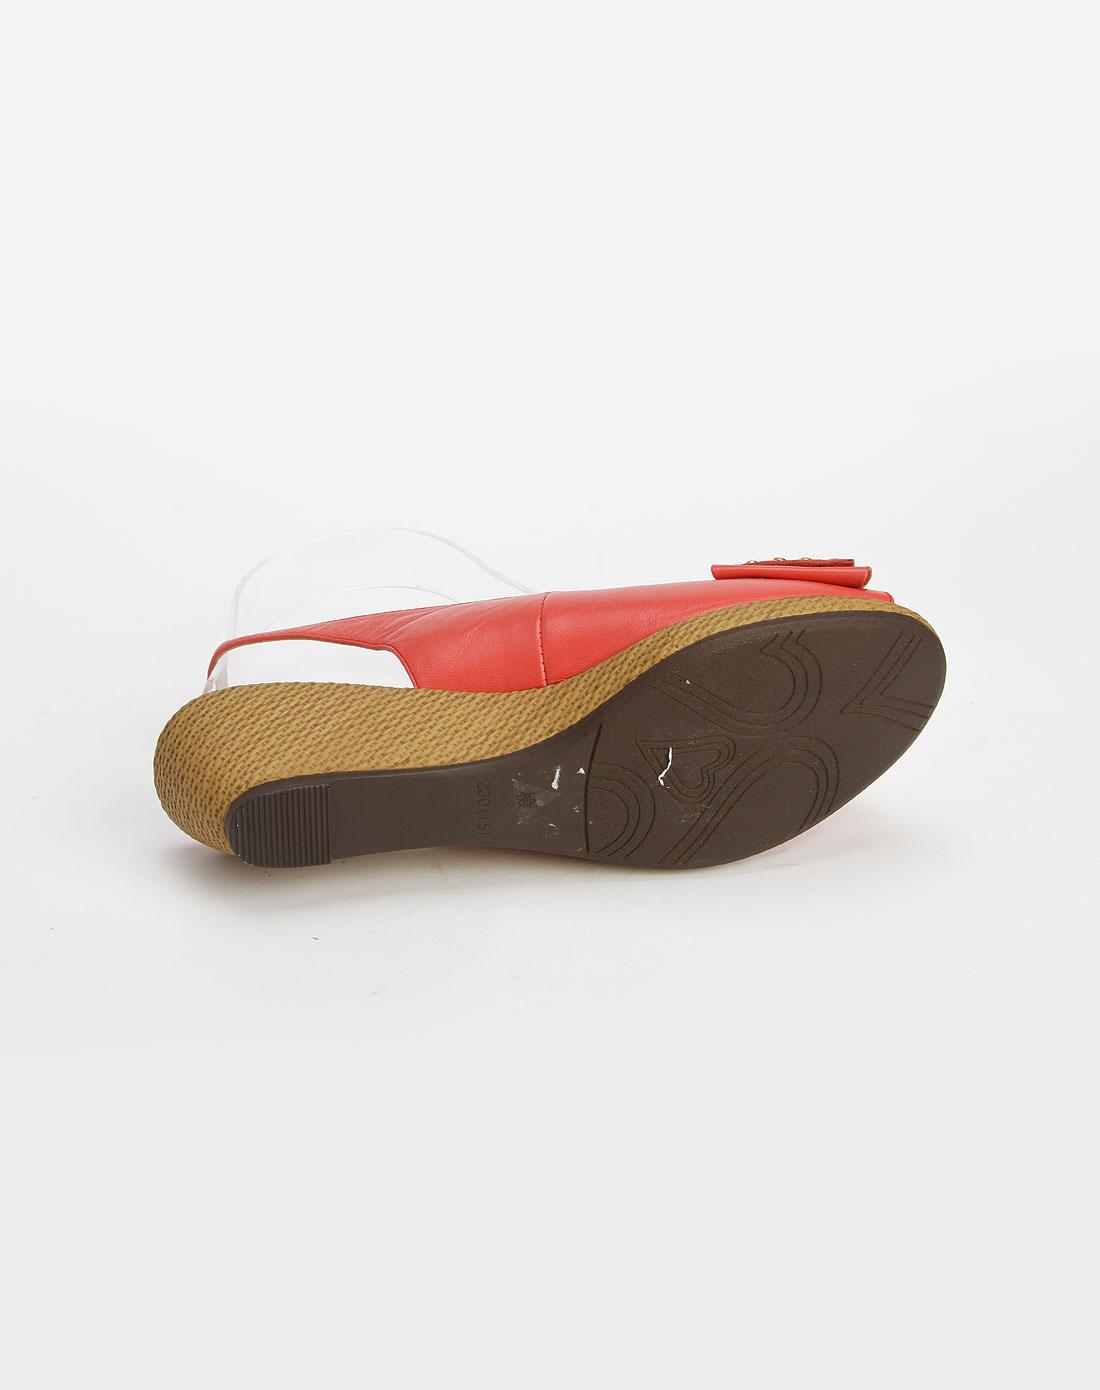 哈森珊瑚红色钮钉蝴蝶结低跟凉鞋